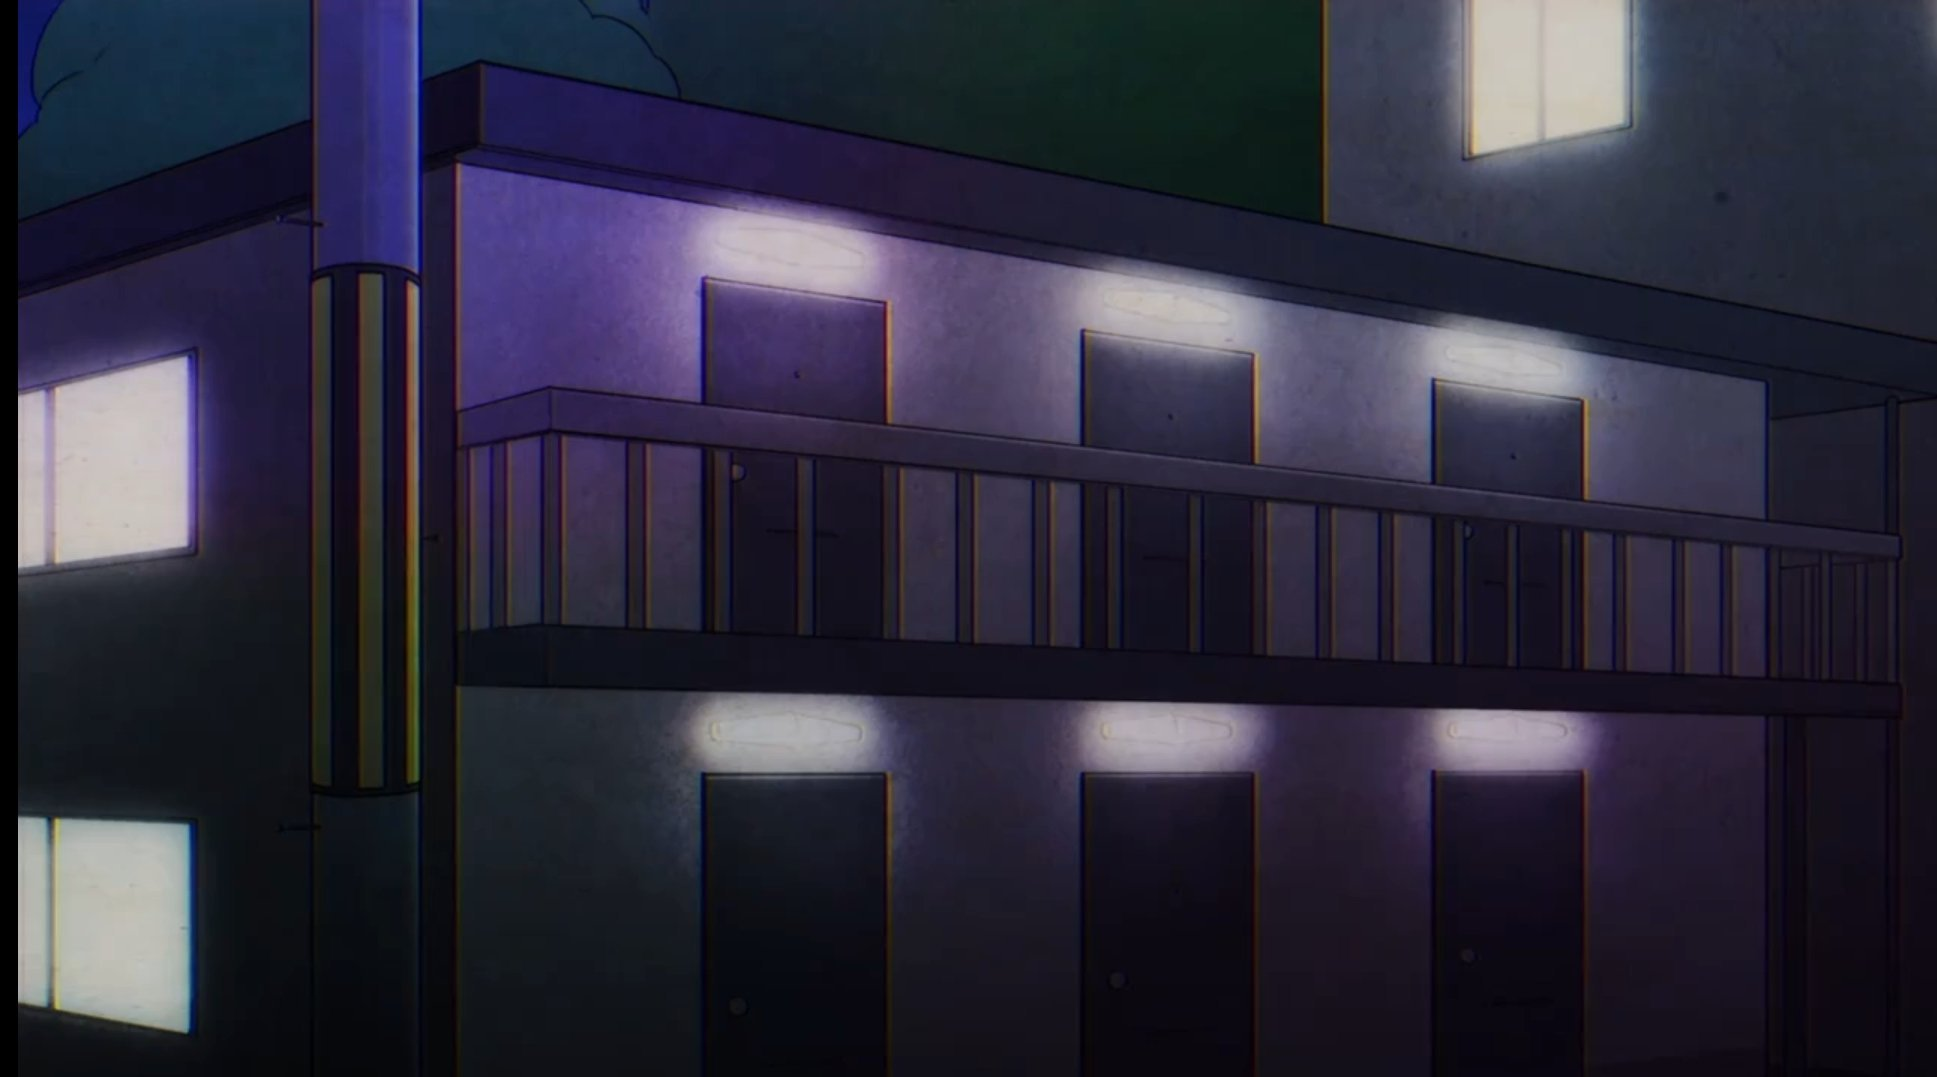 【动漫资源】忍者Collection